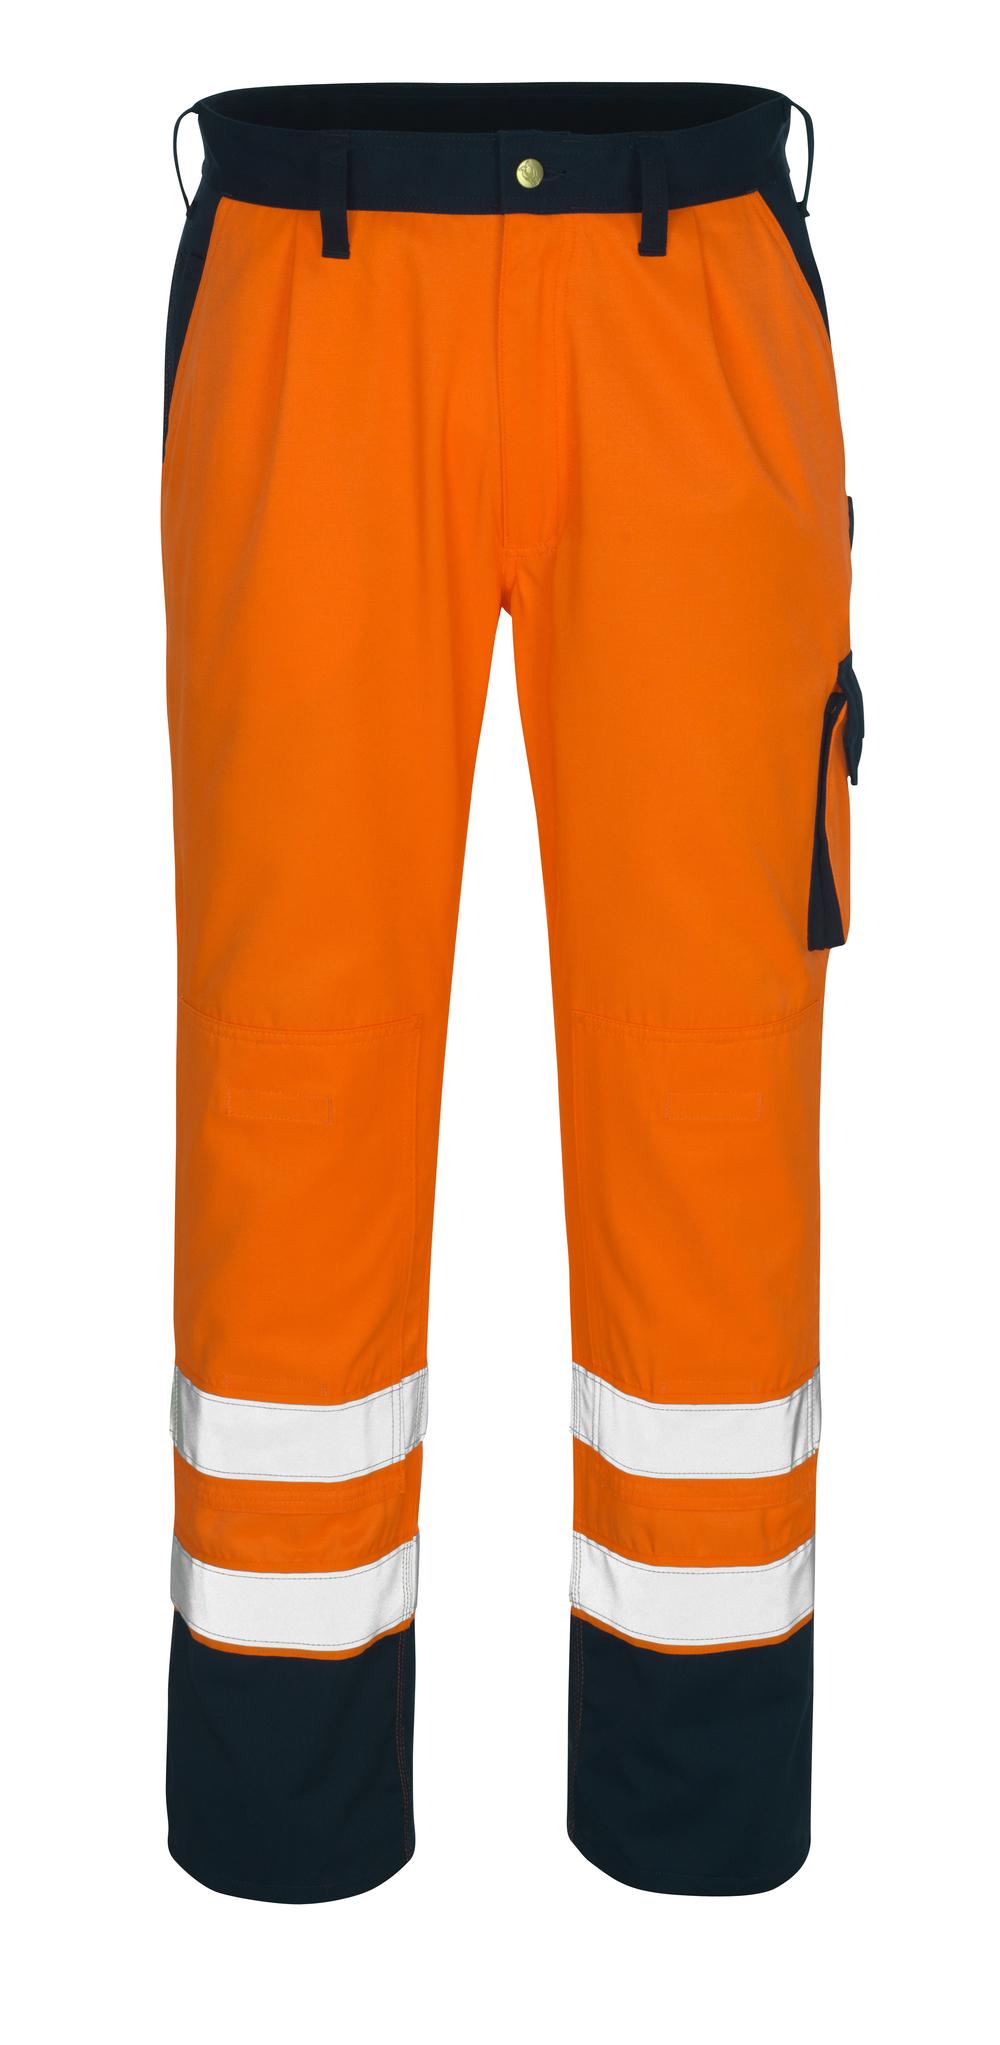 00979-860-141 Housut polvitaskuilla - hi-vis oranssi/tummansininen